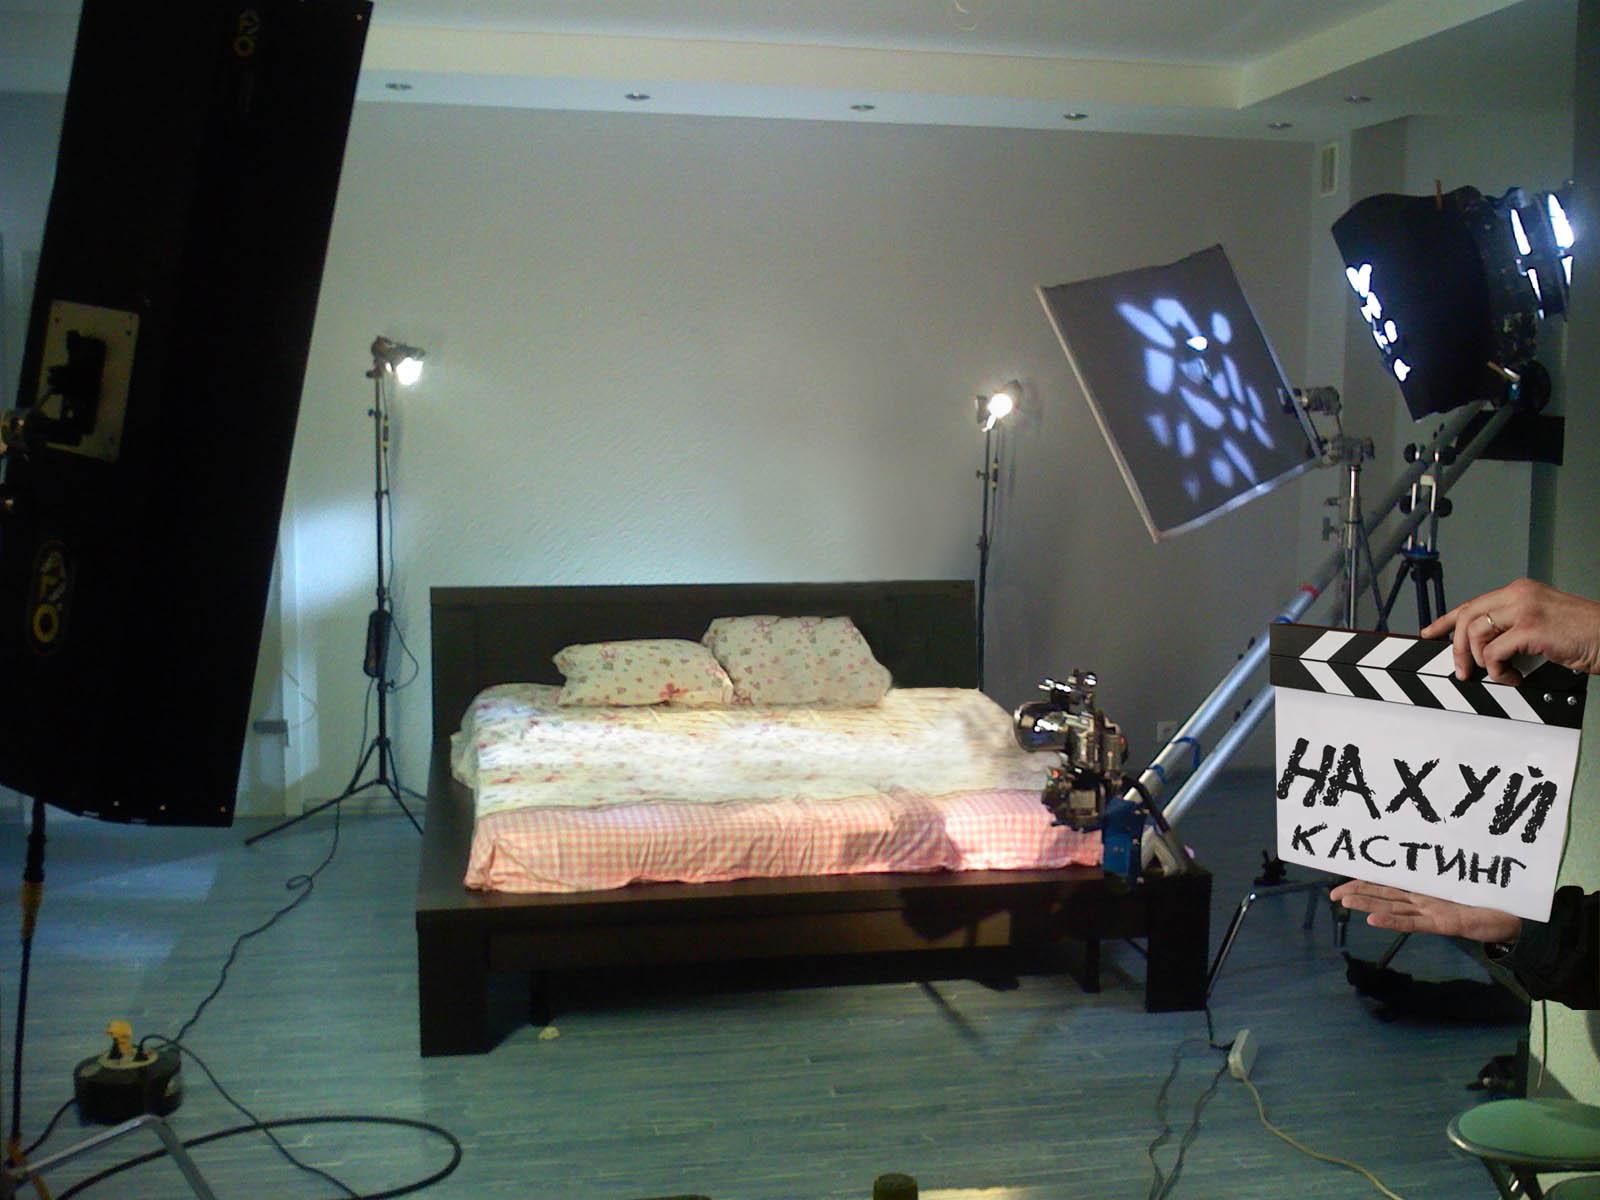 Фото на съемочной площадке порно